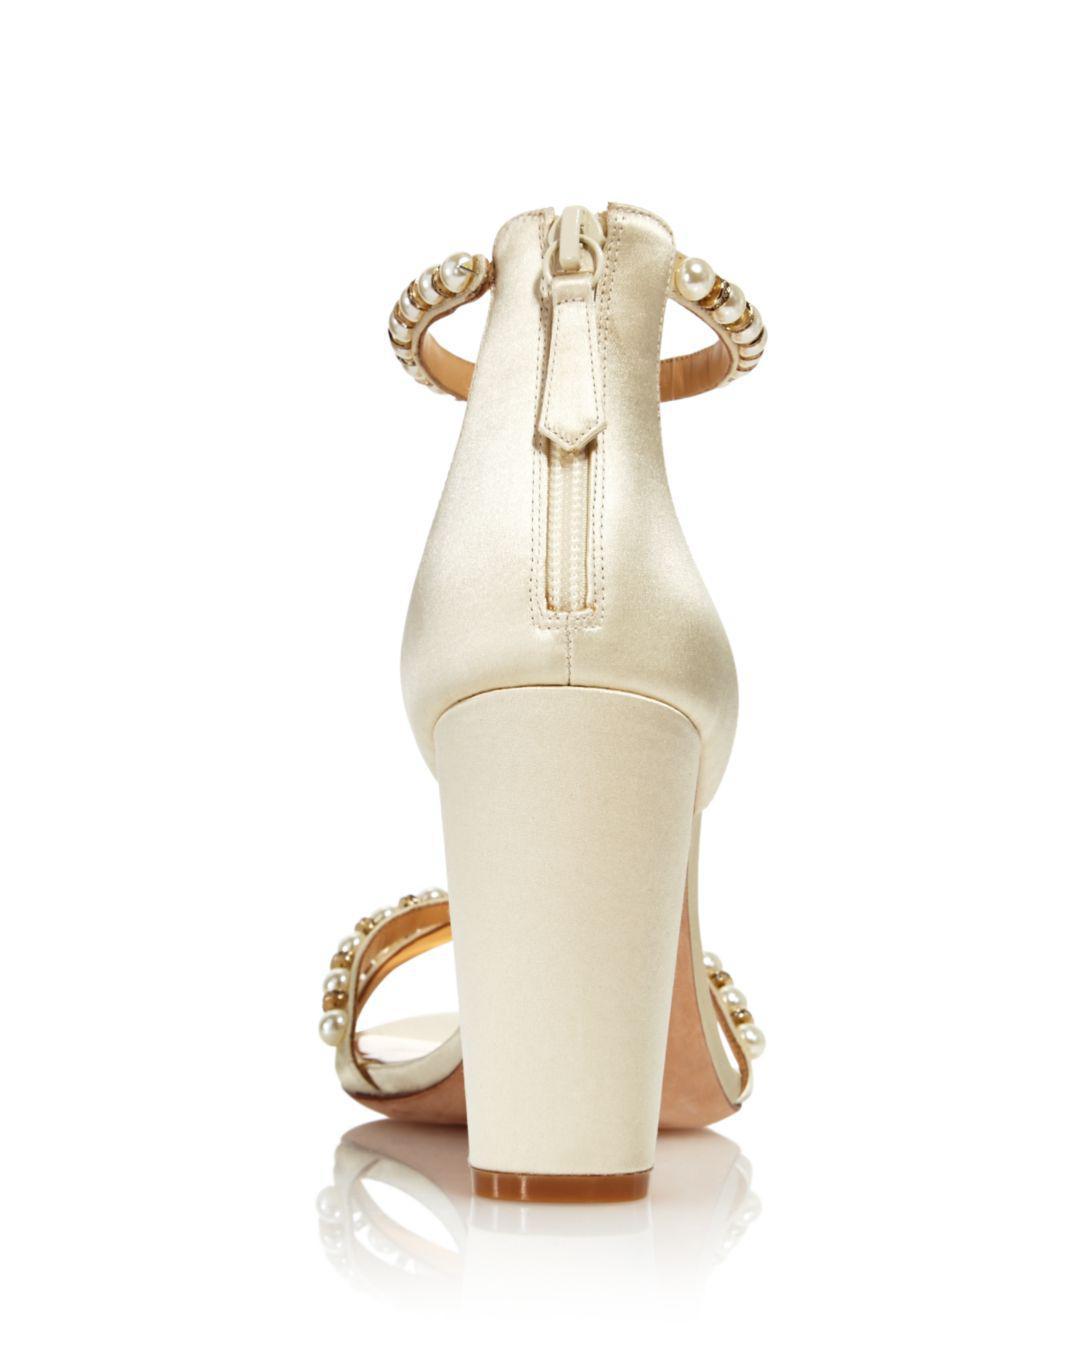 e2a4d52614 Badgley Mischka Women's Hooper Embellished Satin High Block Heel ...